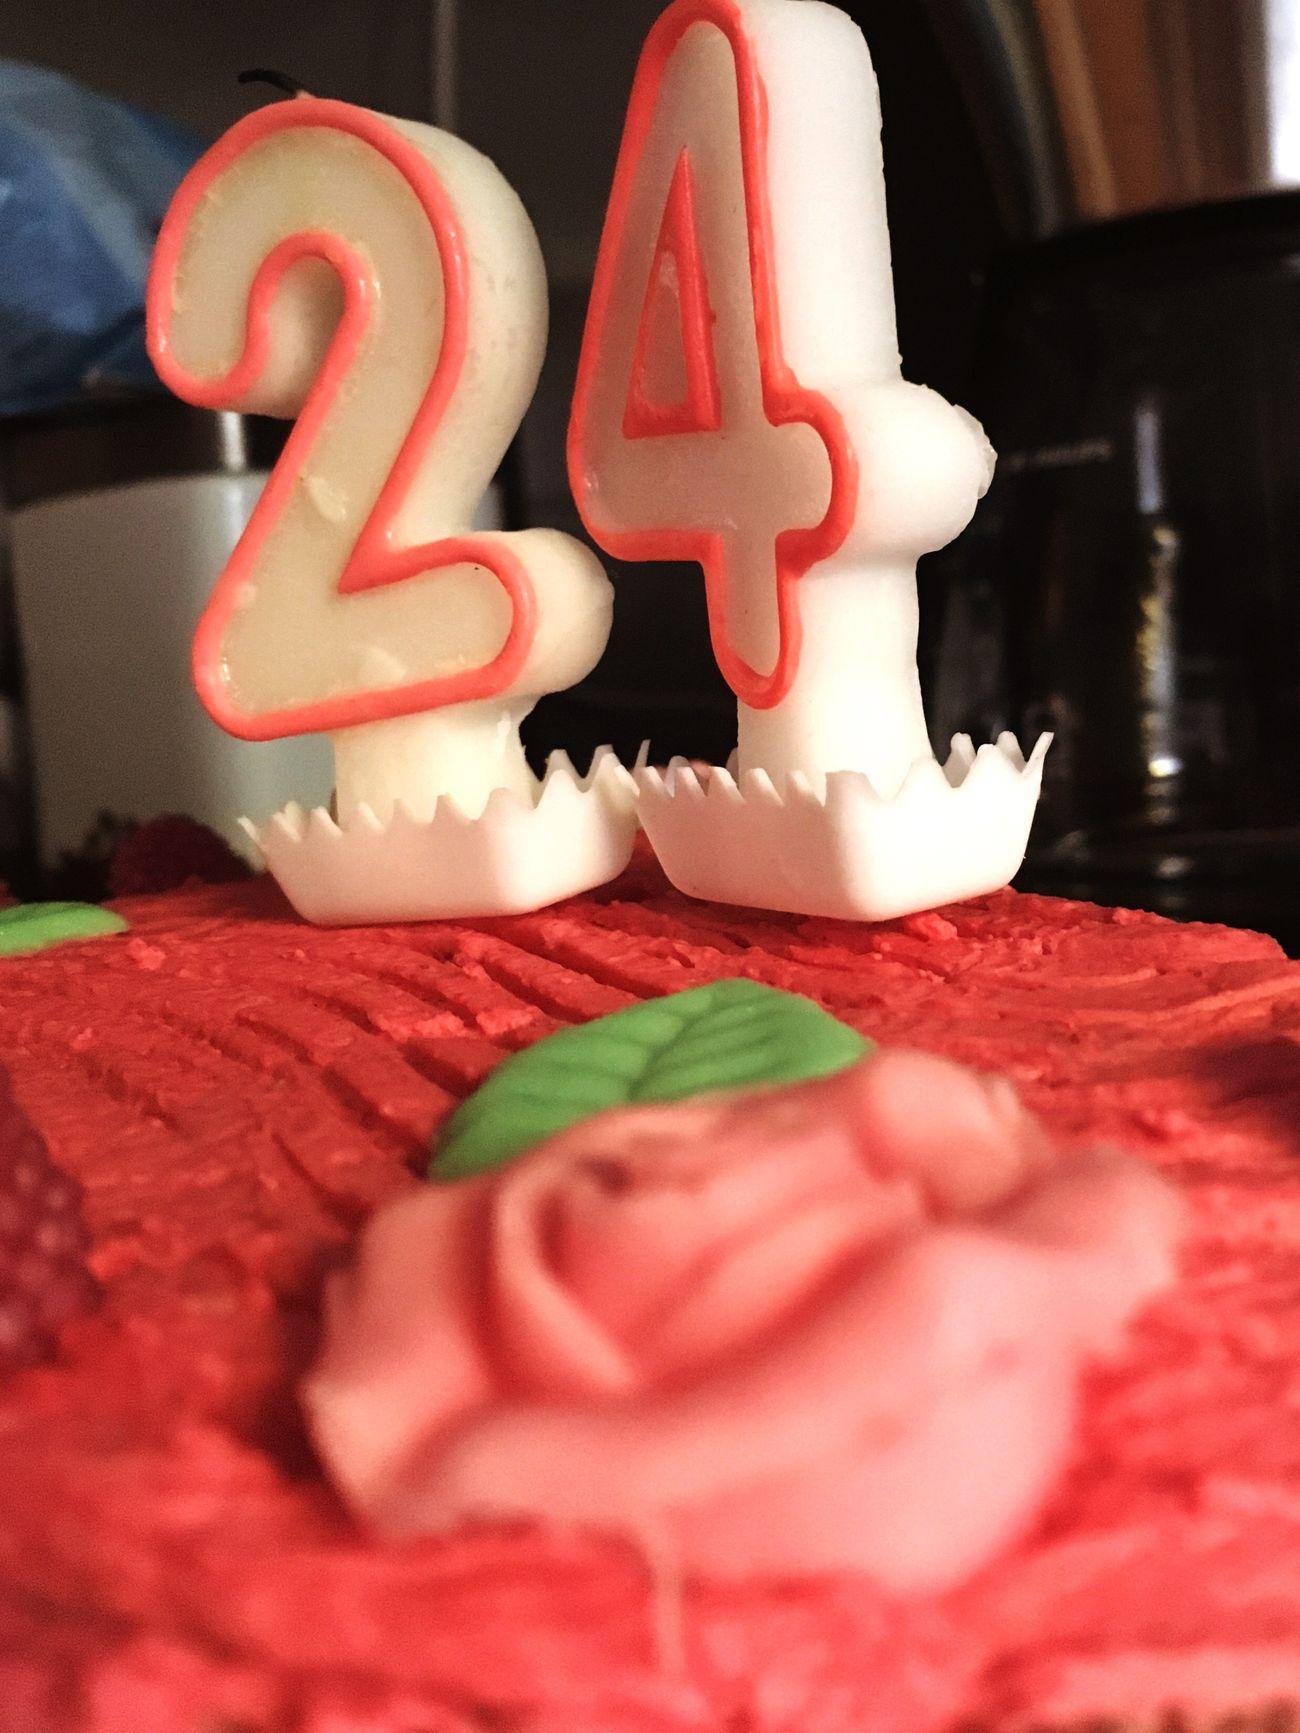 24. Birthday🎈- dieses Jahr war schon jetzt eines der bewegensten und eriegnisreichsten Jahre überhaupt für mich. Ich bin dankbar für jeden einzelnen Augenblick, für Kraft, Hoffnung und Liebe. Ich weiß, dass das alles nicht selbstverständlich ist. Ich bin wahnsinnig gesegnet! Ich darf einfach glücklich sein - und genau das wünsche ich DIR auch! Be blessed! 🙏🏼 Blessed  Abschluss  Birthday Physiotherapy Feiern Kuchen - 24 Geburtstag Cake Thankful Dankbar Happy